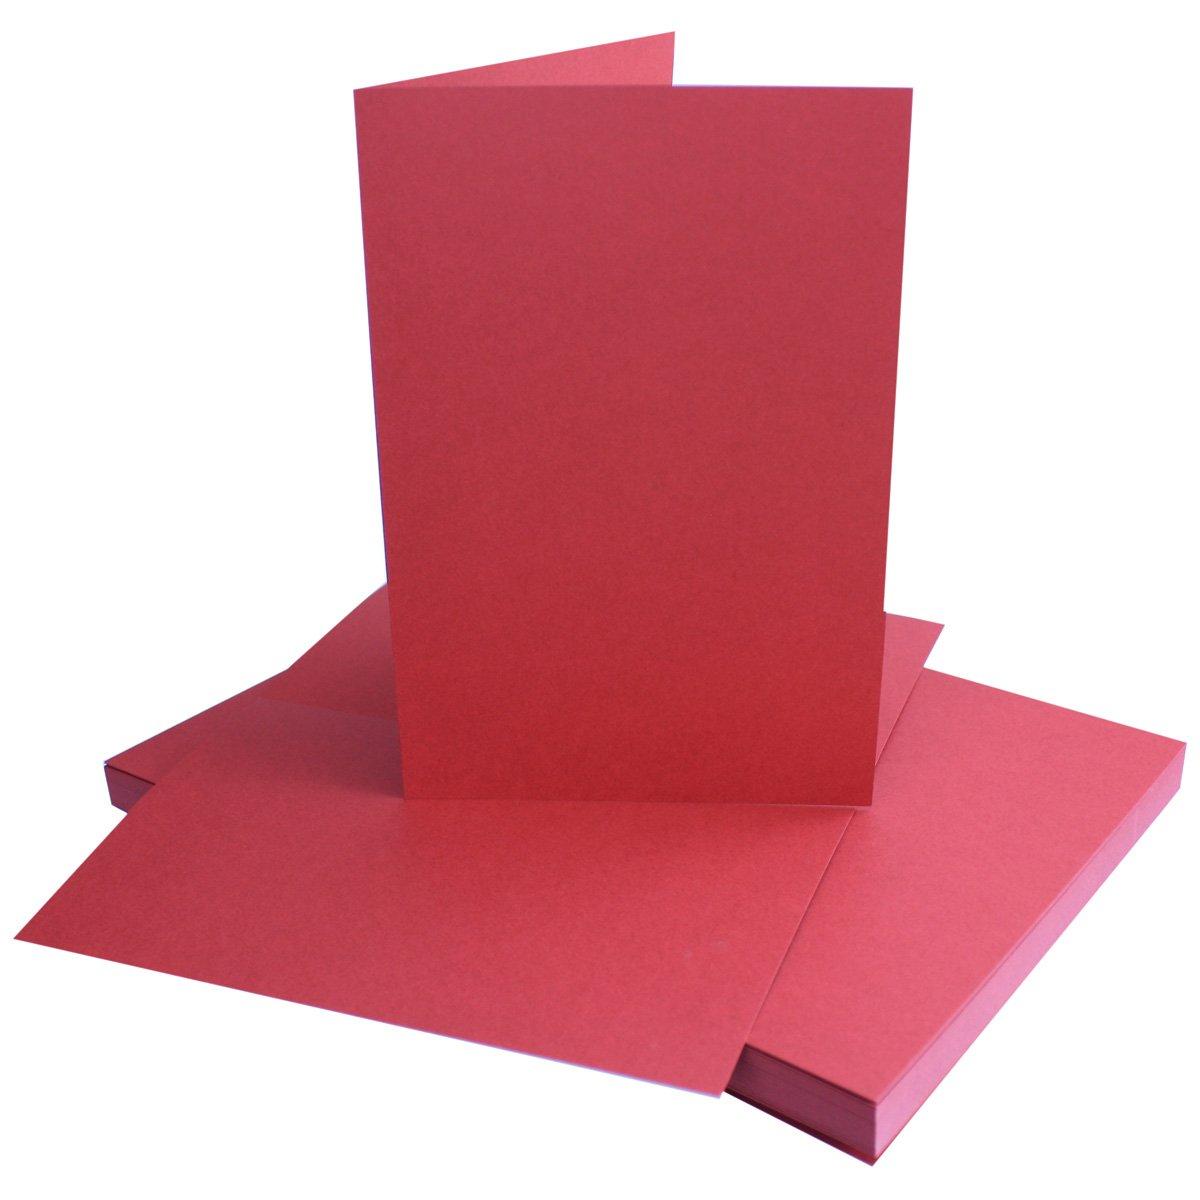 150 Sets - Faltkarten Faltkarten Faltkarten Hellgrau - DIN A5  Umschläge  Einlegeblätter DIN C5 - PREMIUM QUALITÄT - sehr formstabil - Qualitätsmarke  NEUSER FarbenFroh B07C2XH45V |   c51fd8